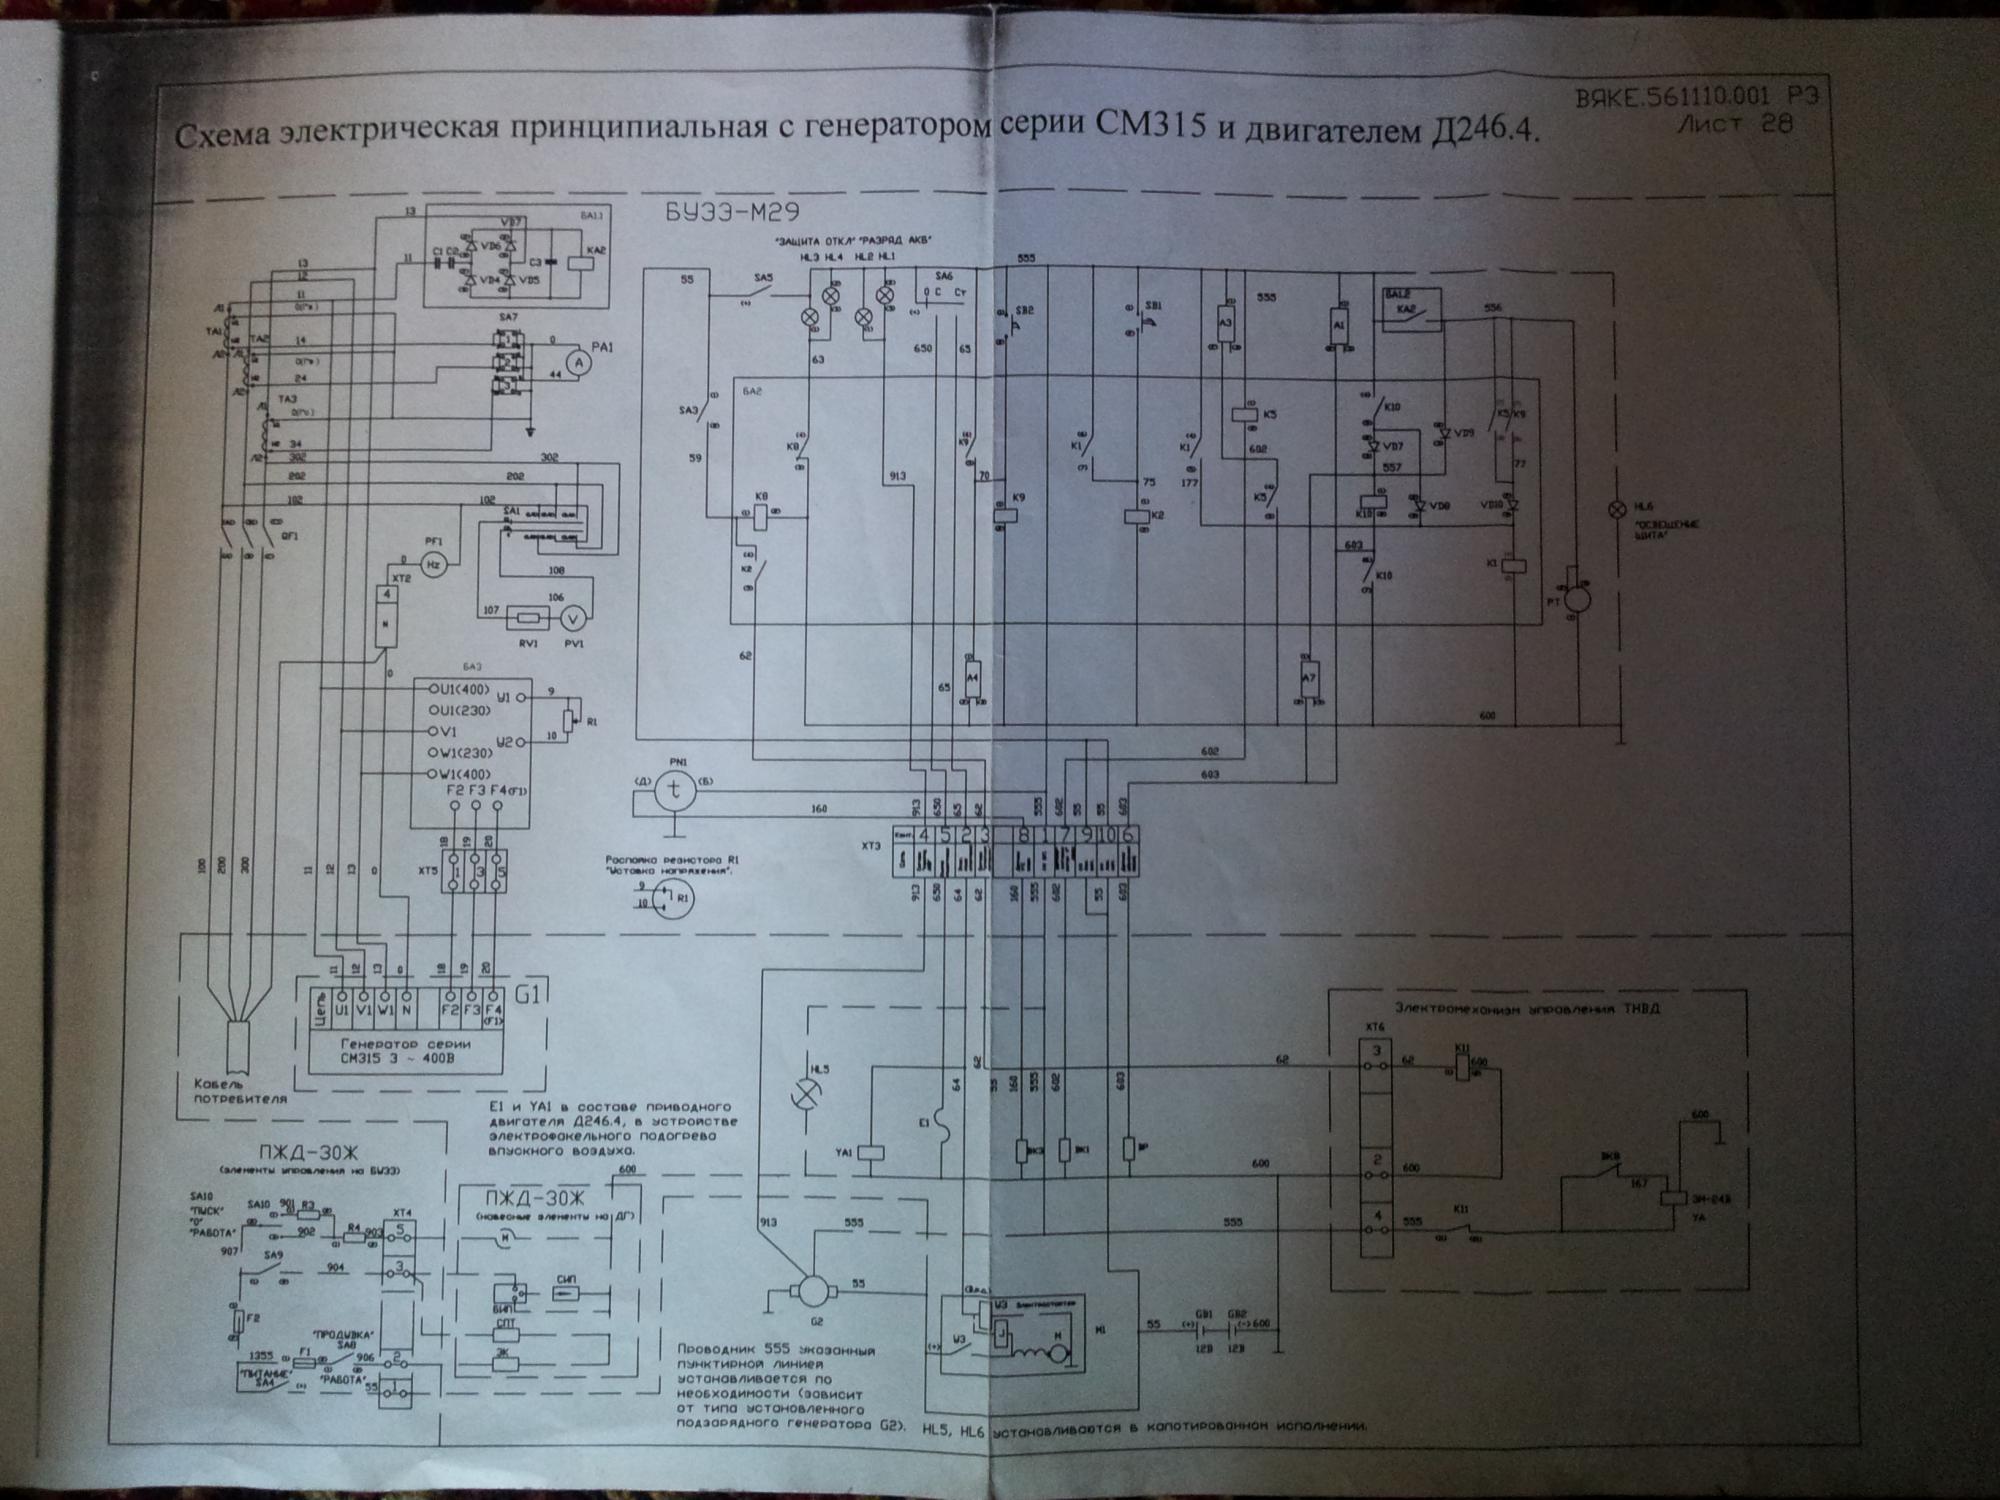 Генератор схема электрическая принципиальная